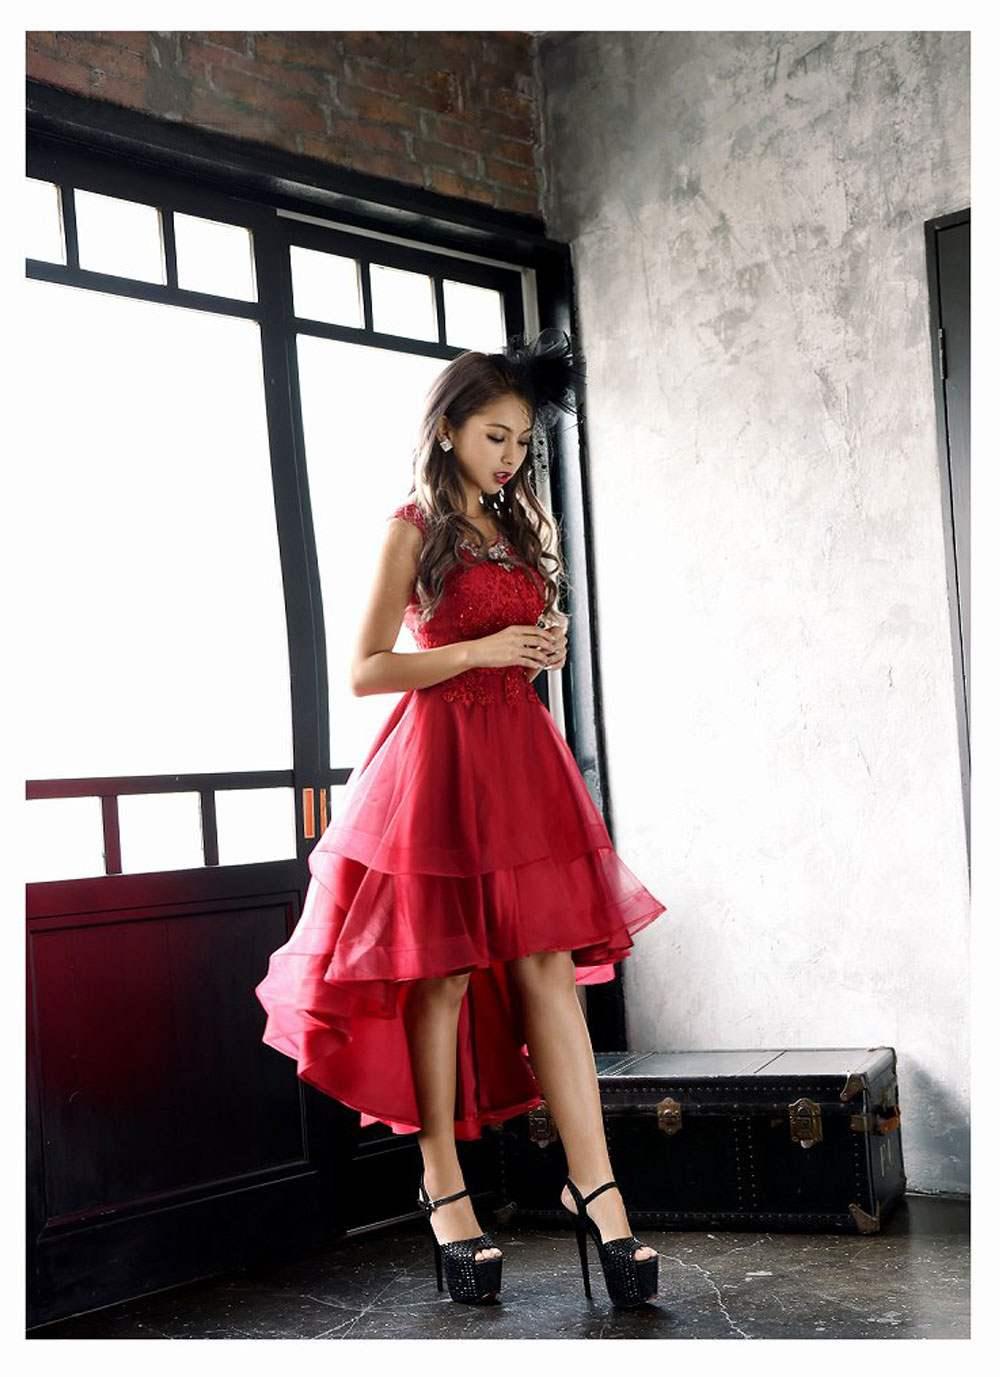 noaliceブランドのドレスや水着をゆきぽよちゃんがプロデュース